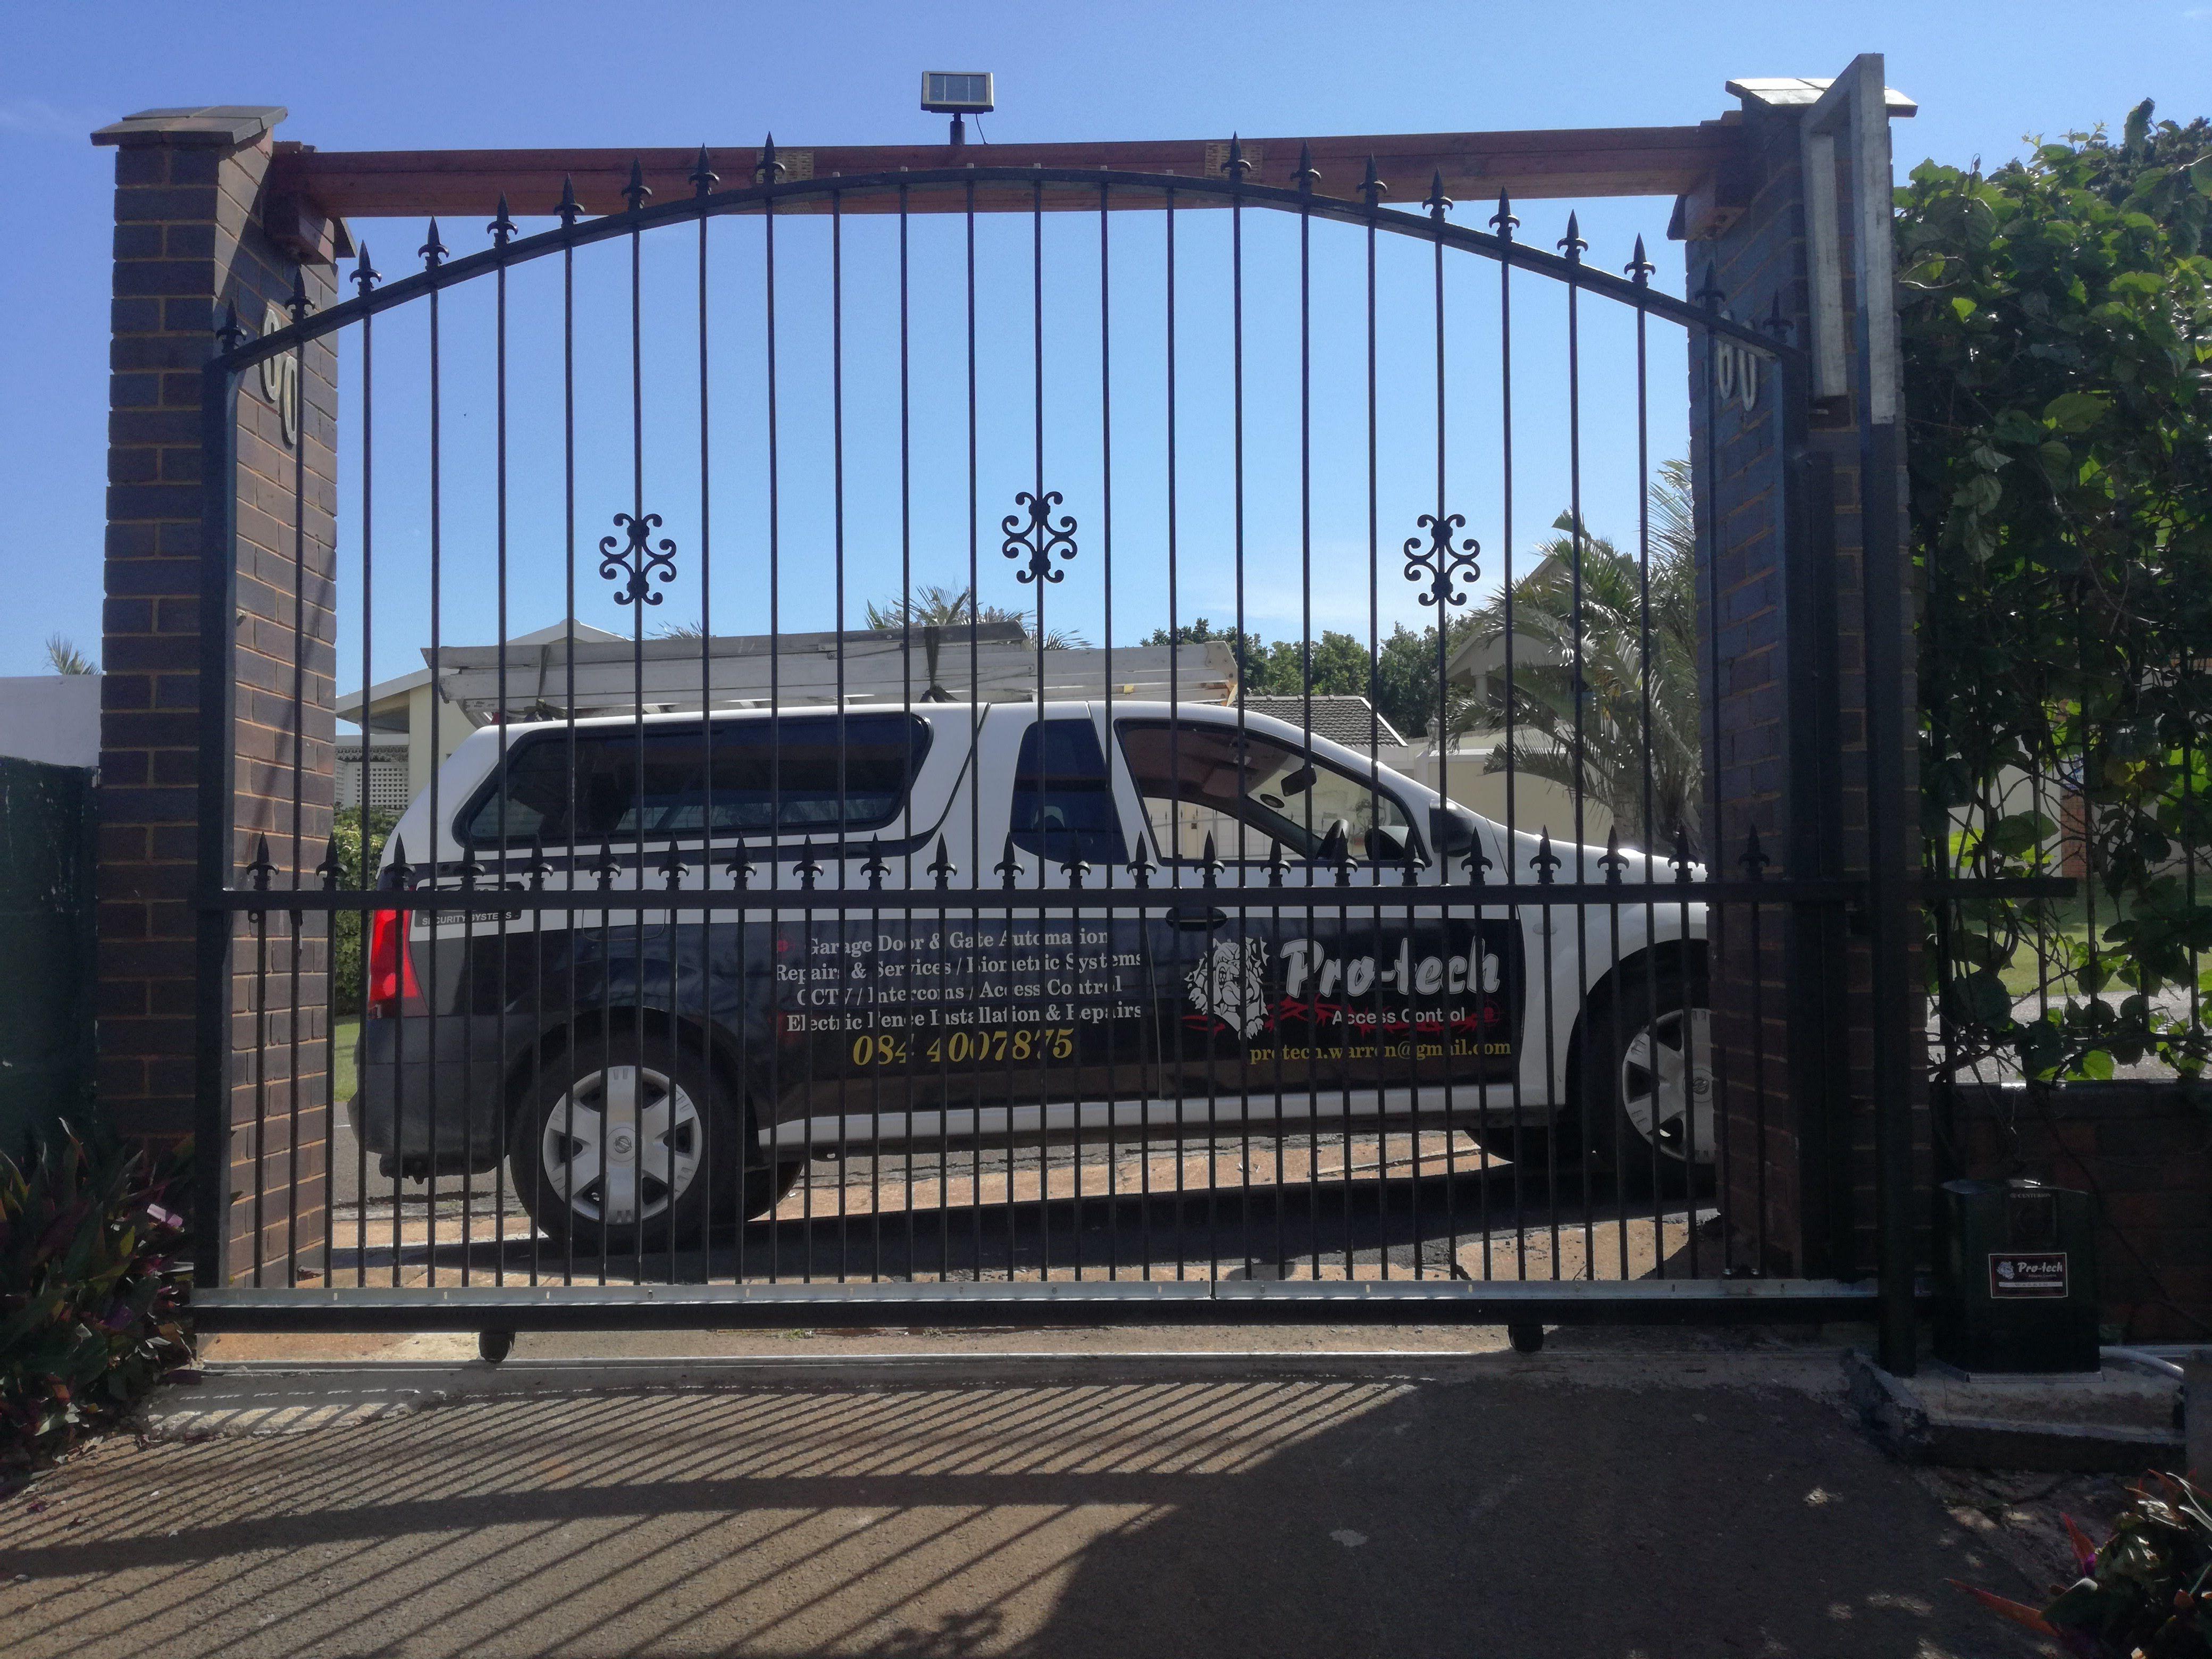 Converted Gate Sliding Gate Gate Access Control